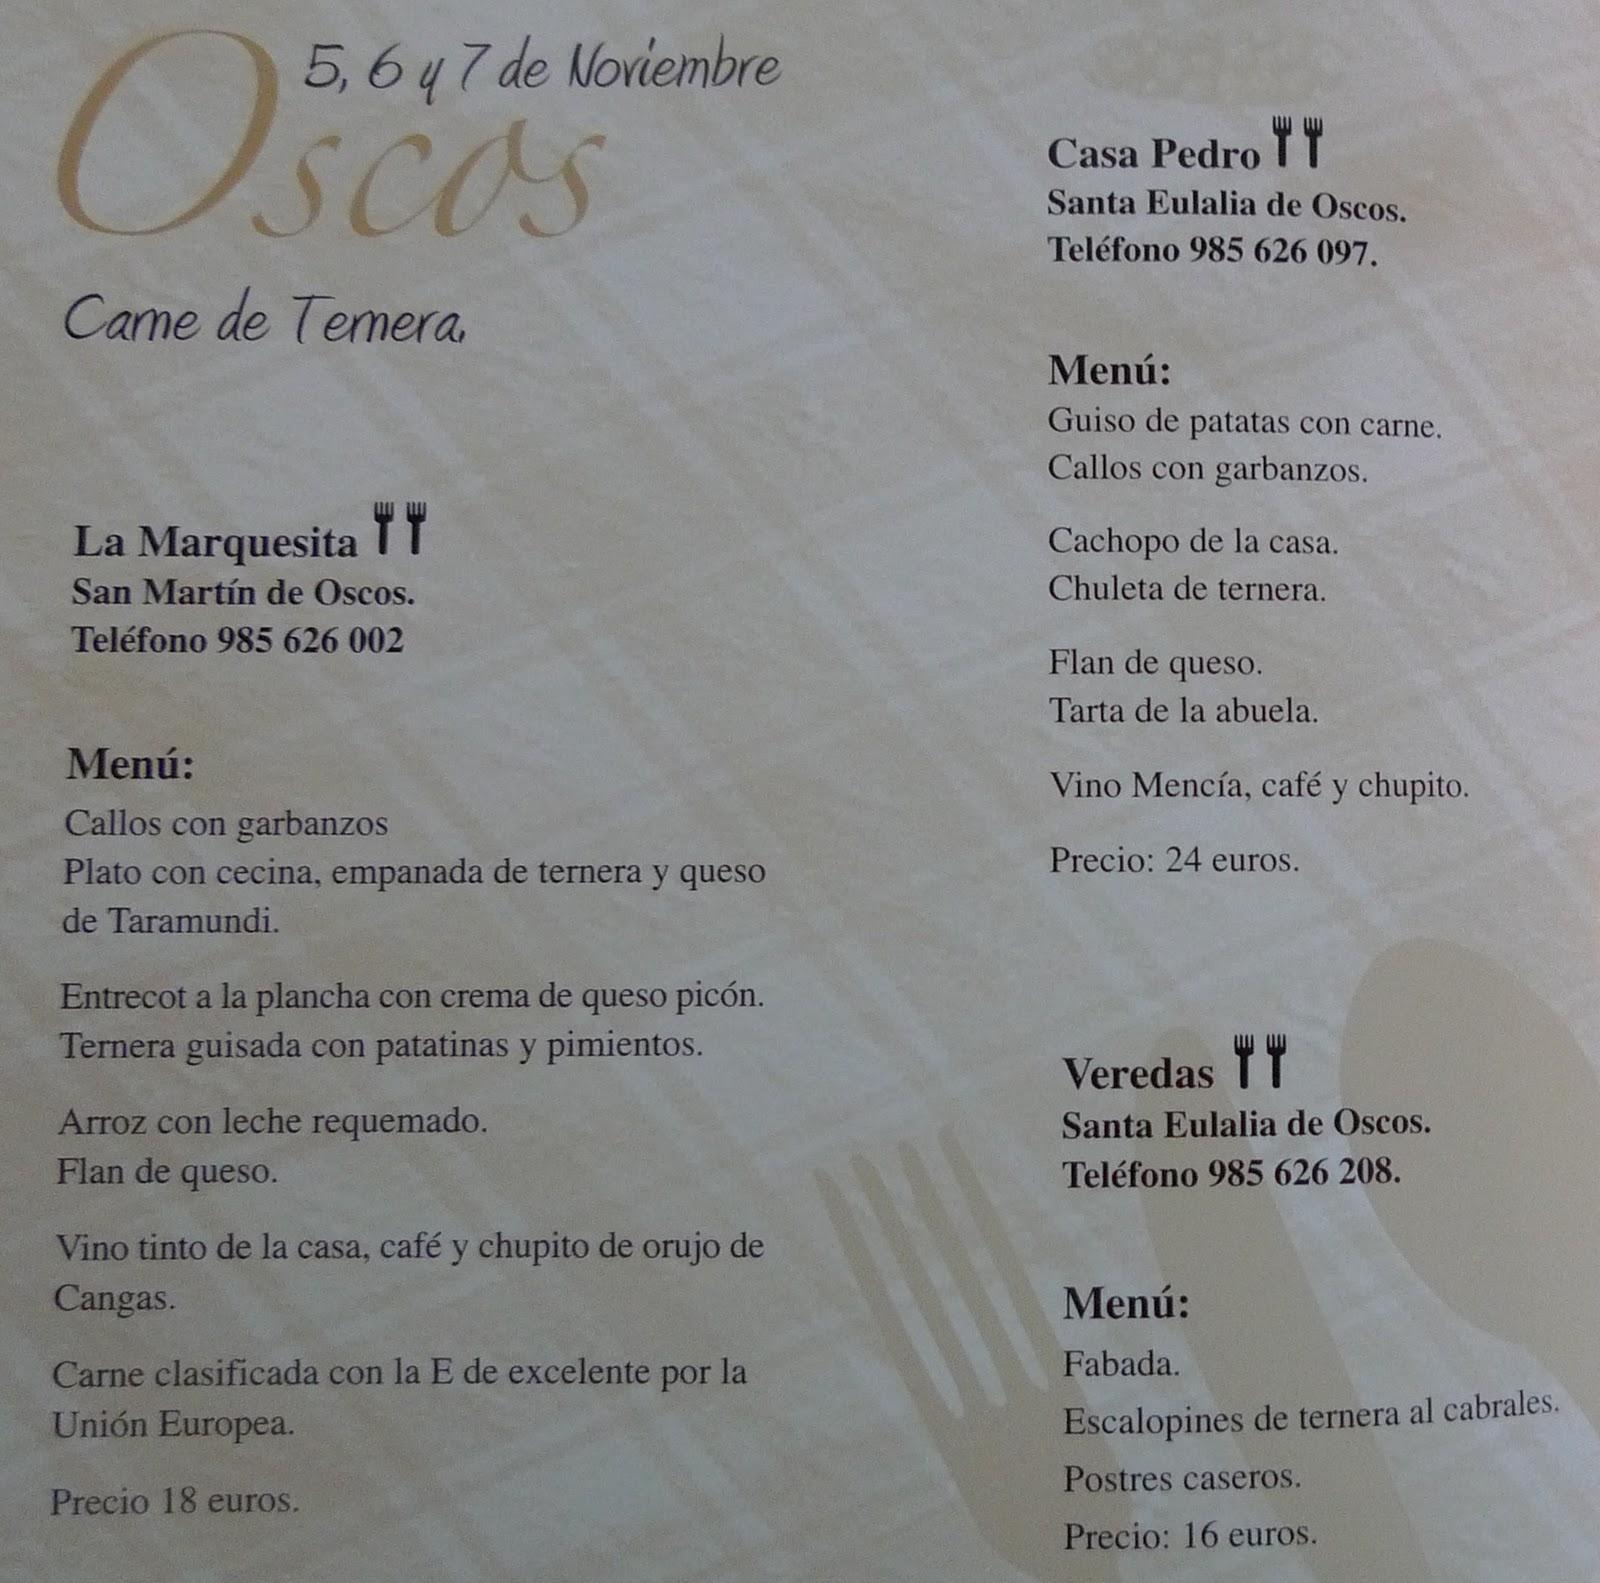 Tony vacaciones y derivados iii jornadas gastron micas - Casa pedro santa eulalia de oscos ...